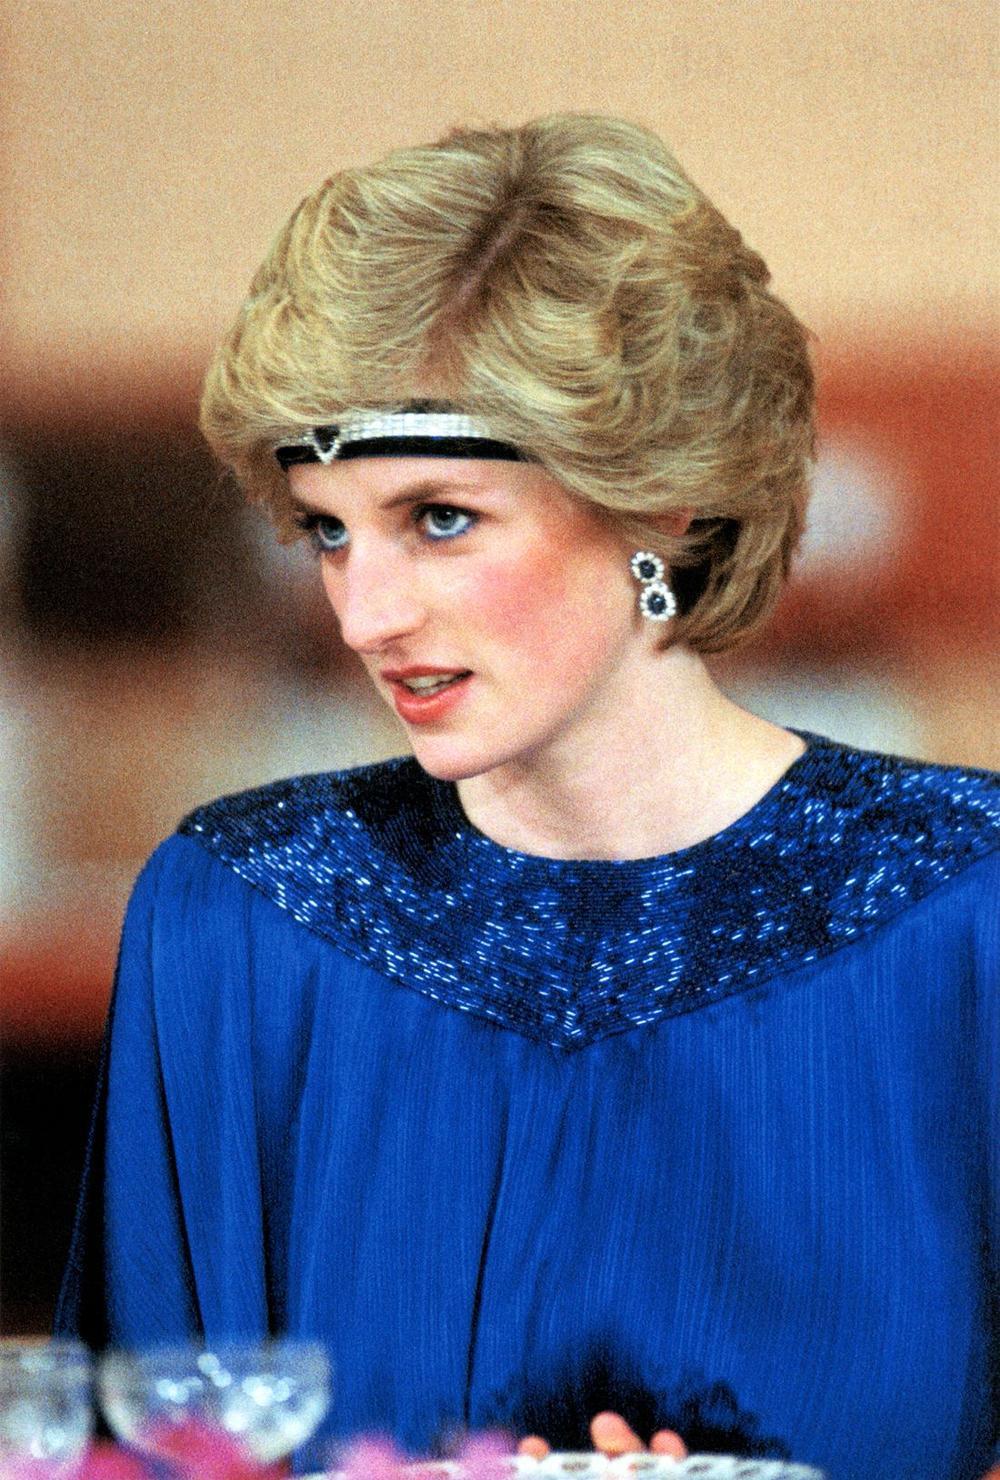 Bí ẩn tủ đồ Hoàng gia: 15 lần phụ nữ Hoàng gia khéo léo sửa lại quần áo cũ để tái sử dụng Ảnh 4